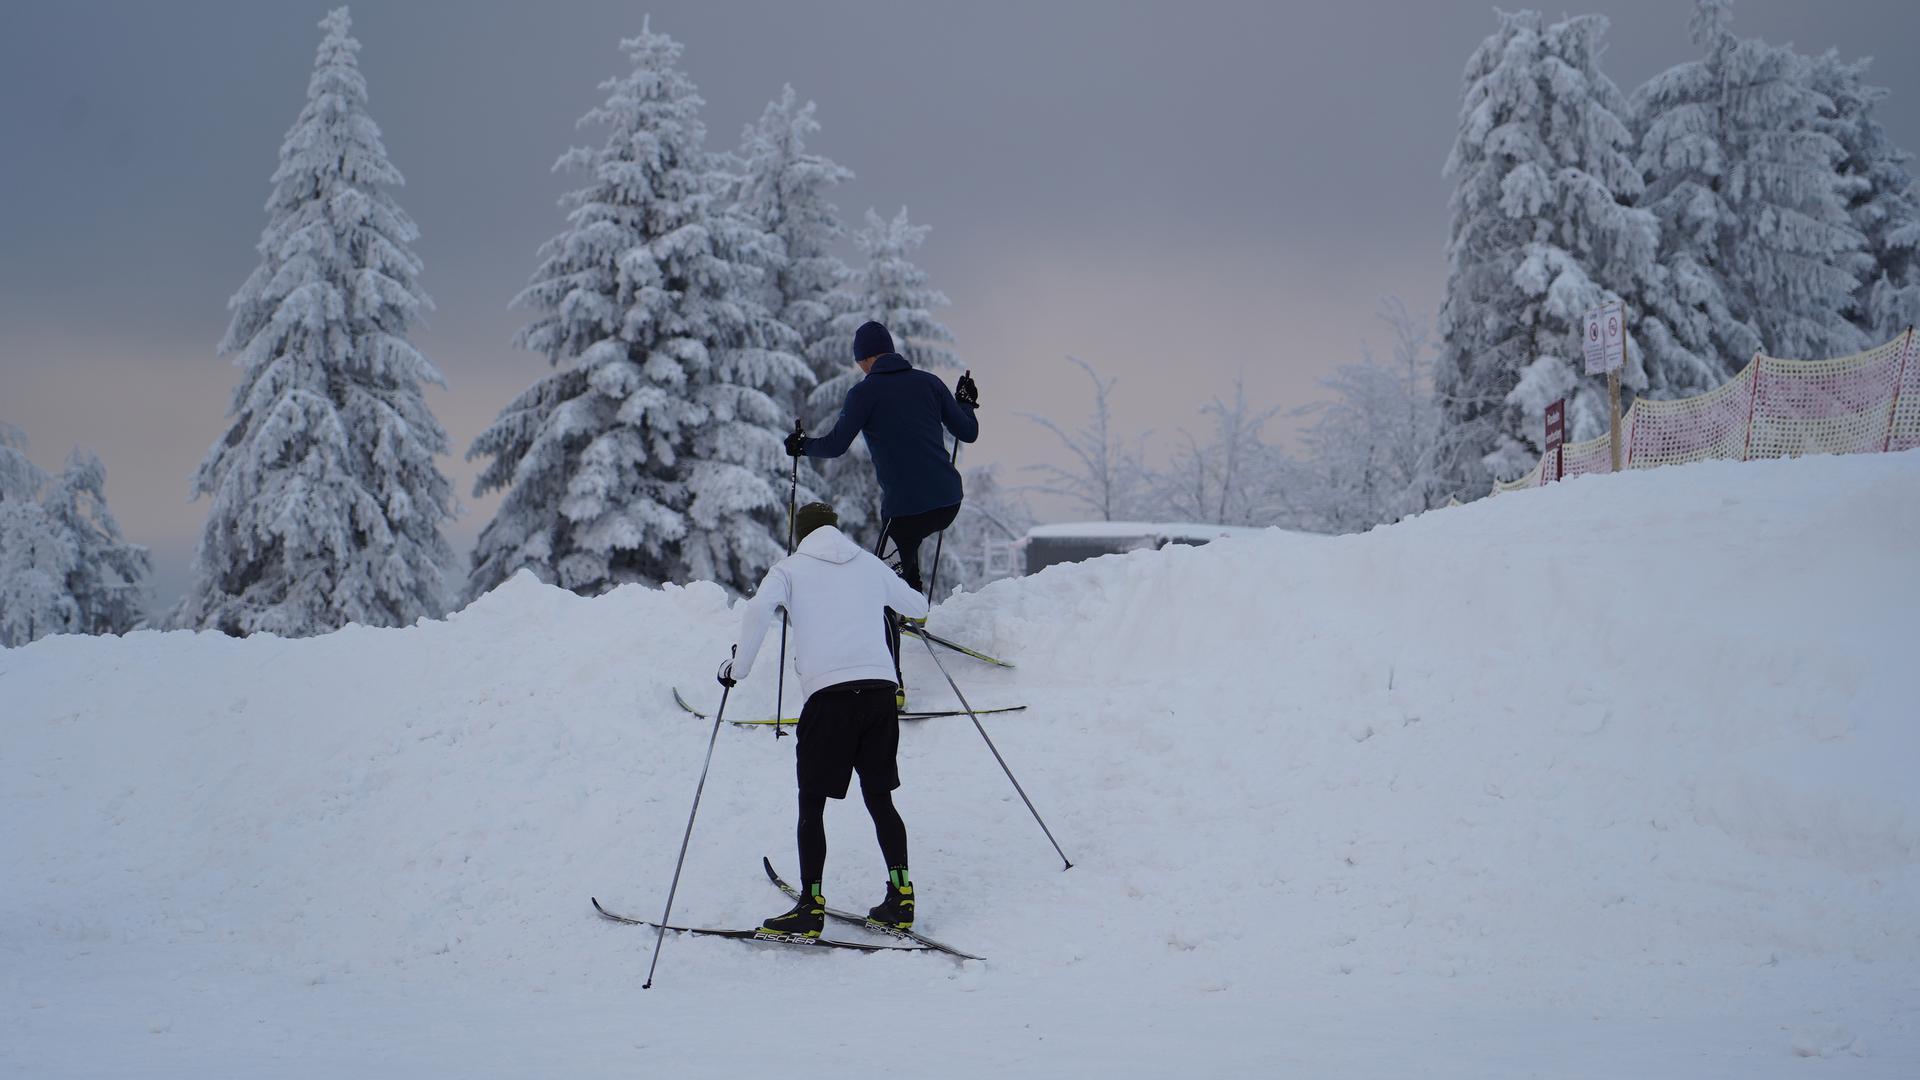 Zwei Langläufer auf dem Weg zur Loipe am Seibelseckle.